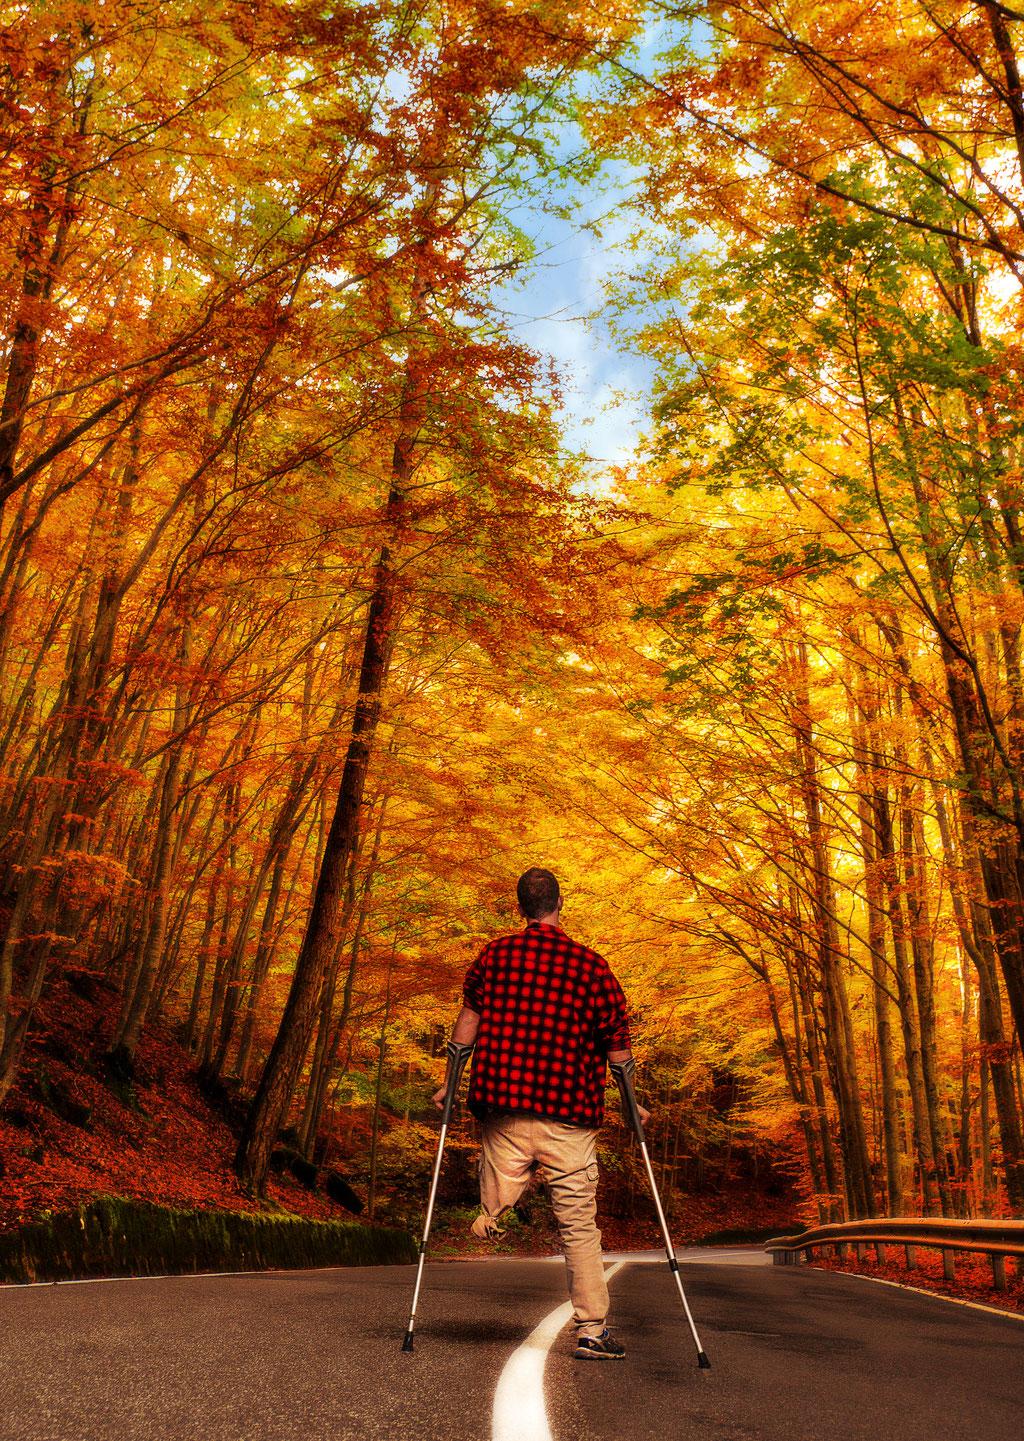 Quando non potrai camminare veloce, cammina. Quando non potrai camminare, usa il bastone. Però, non trattenerti mai.